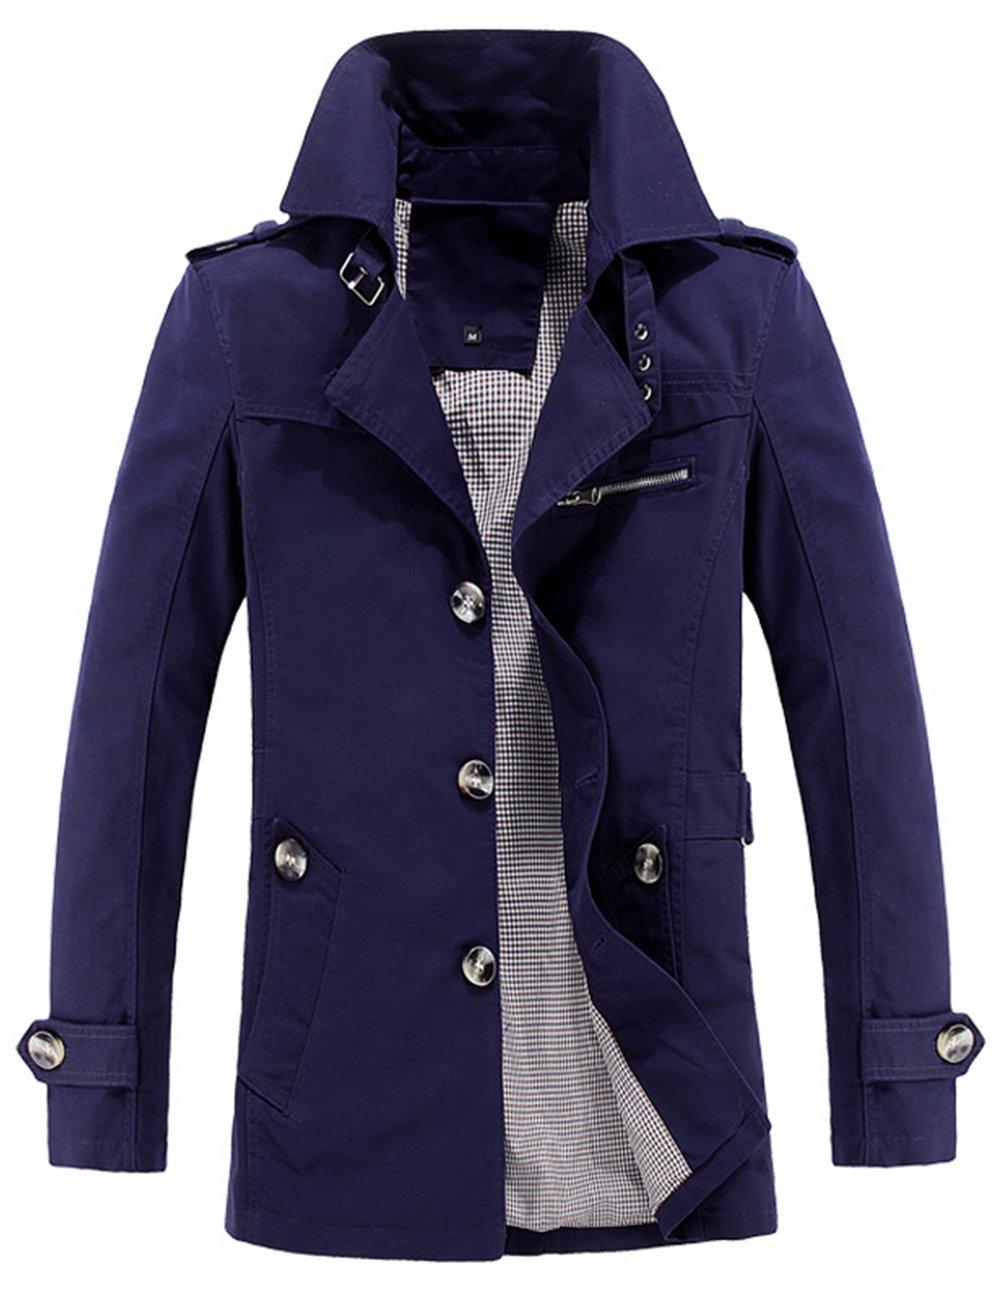 Menschwear OUTERWEAR メンズ B075F7TDD6 5L|ブルー ブルー 5L